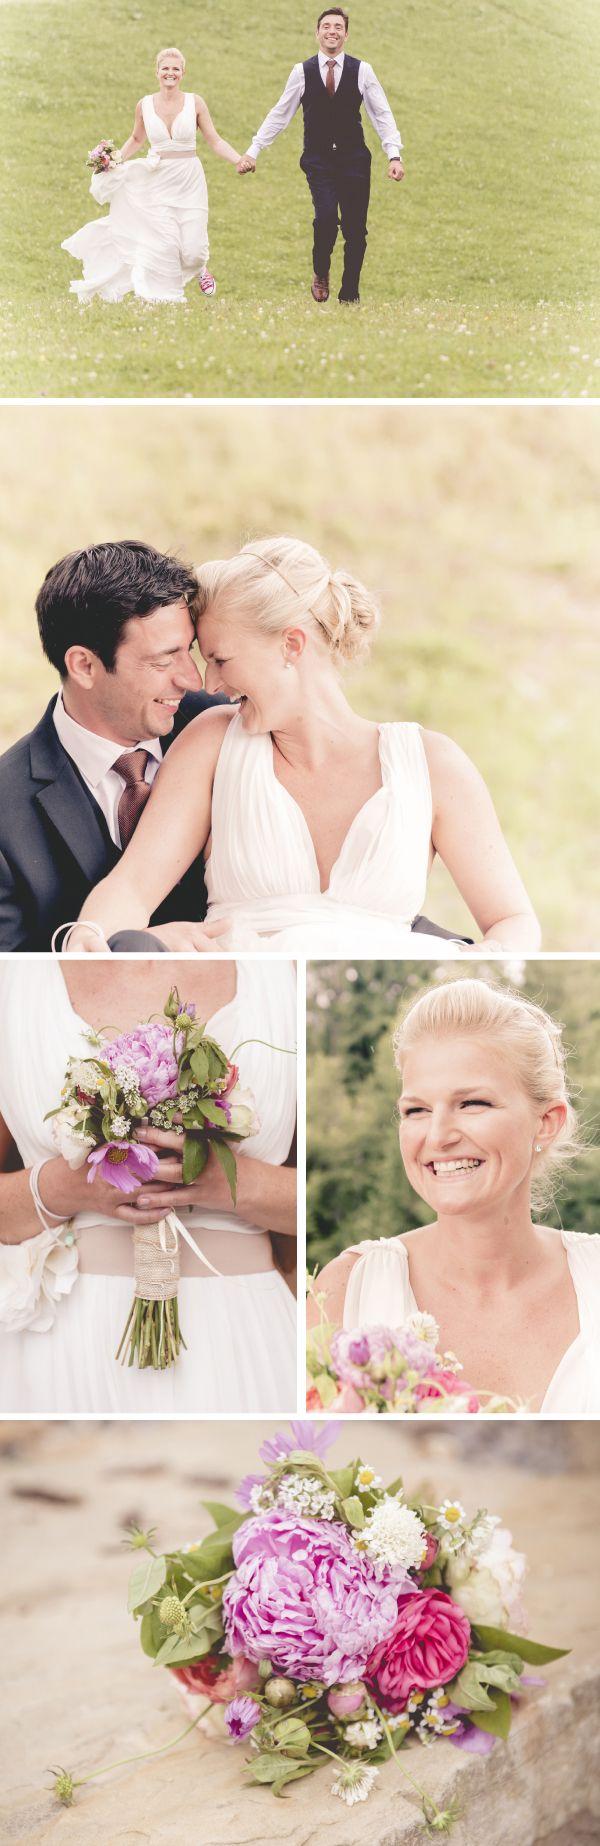 Nikola und André wählten für ihre Hochzeit einen Ort, an dem die Zeit für alle Besucher stillzustehen scheint. Hoch über dem Tal, auf einer traumhaften Alpe, feierten sie ihre freie Trauung und Christian Frumoldt von Luminoxx Fotografie war mit seiner Kamera ganz nah dabei.  http://www.weddingstyle.de/blog/?p=3683